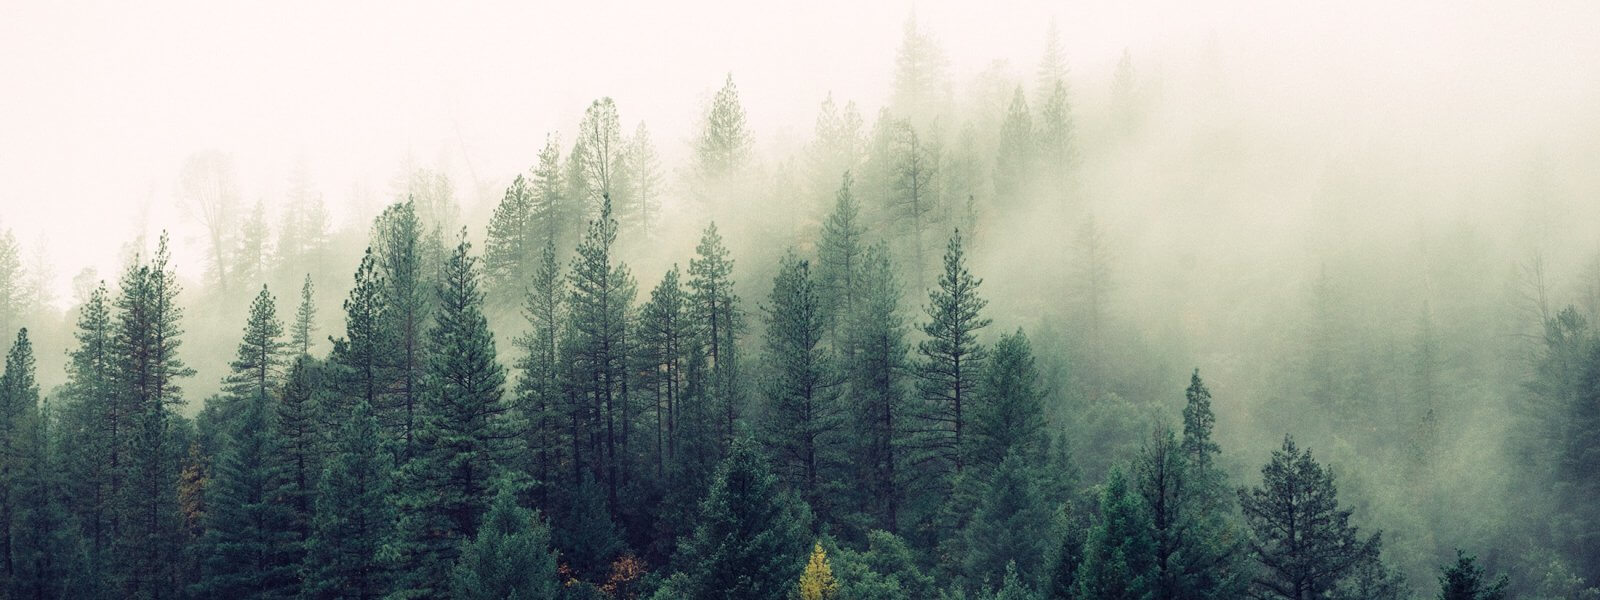 Wald düster